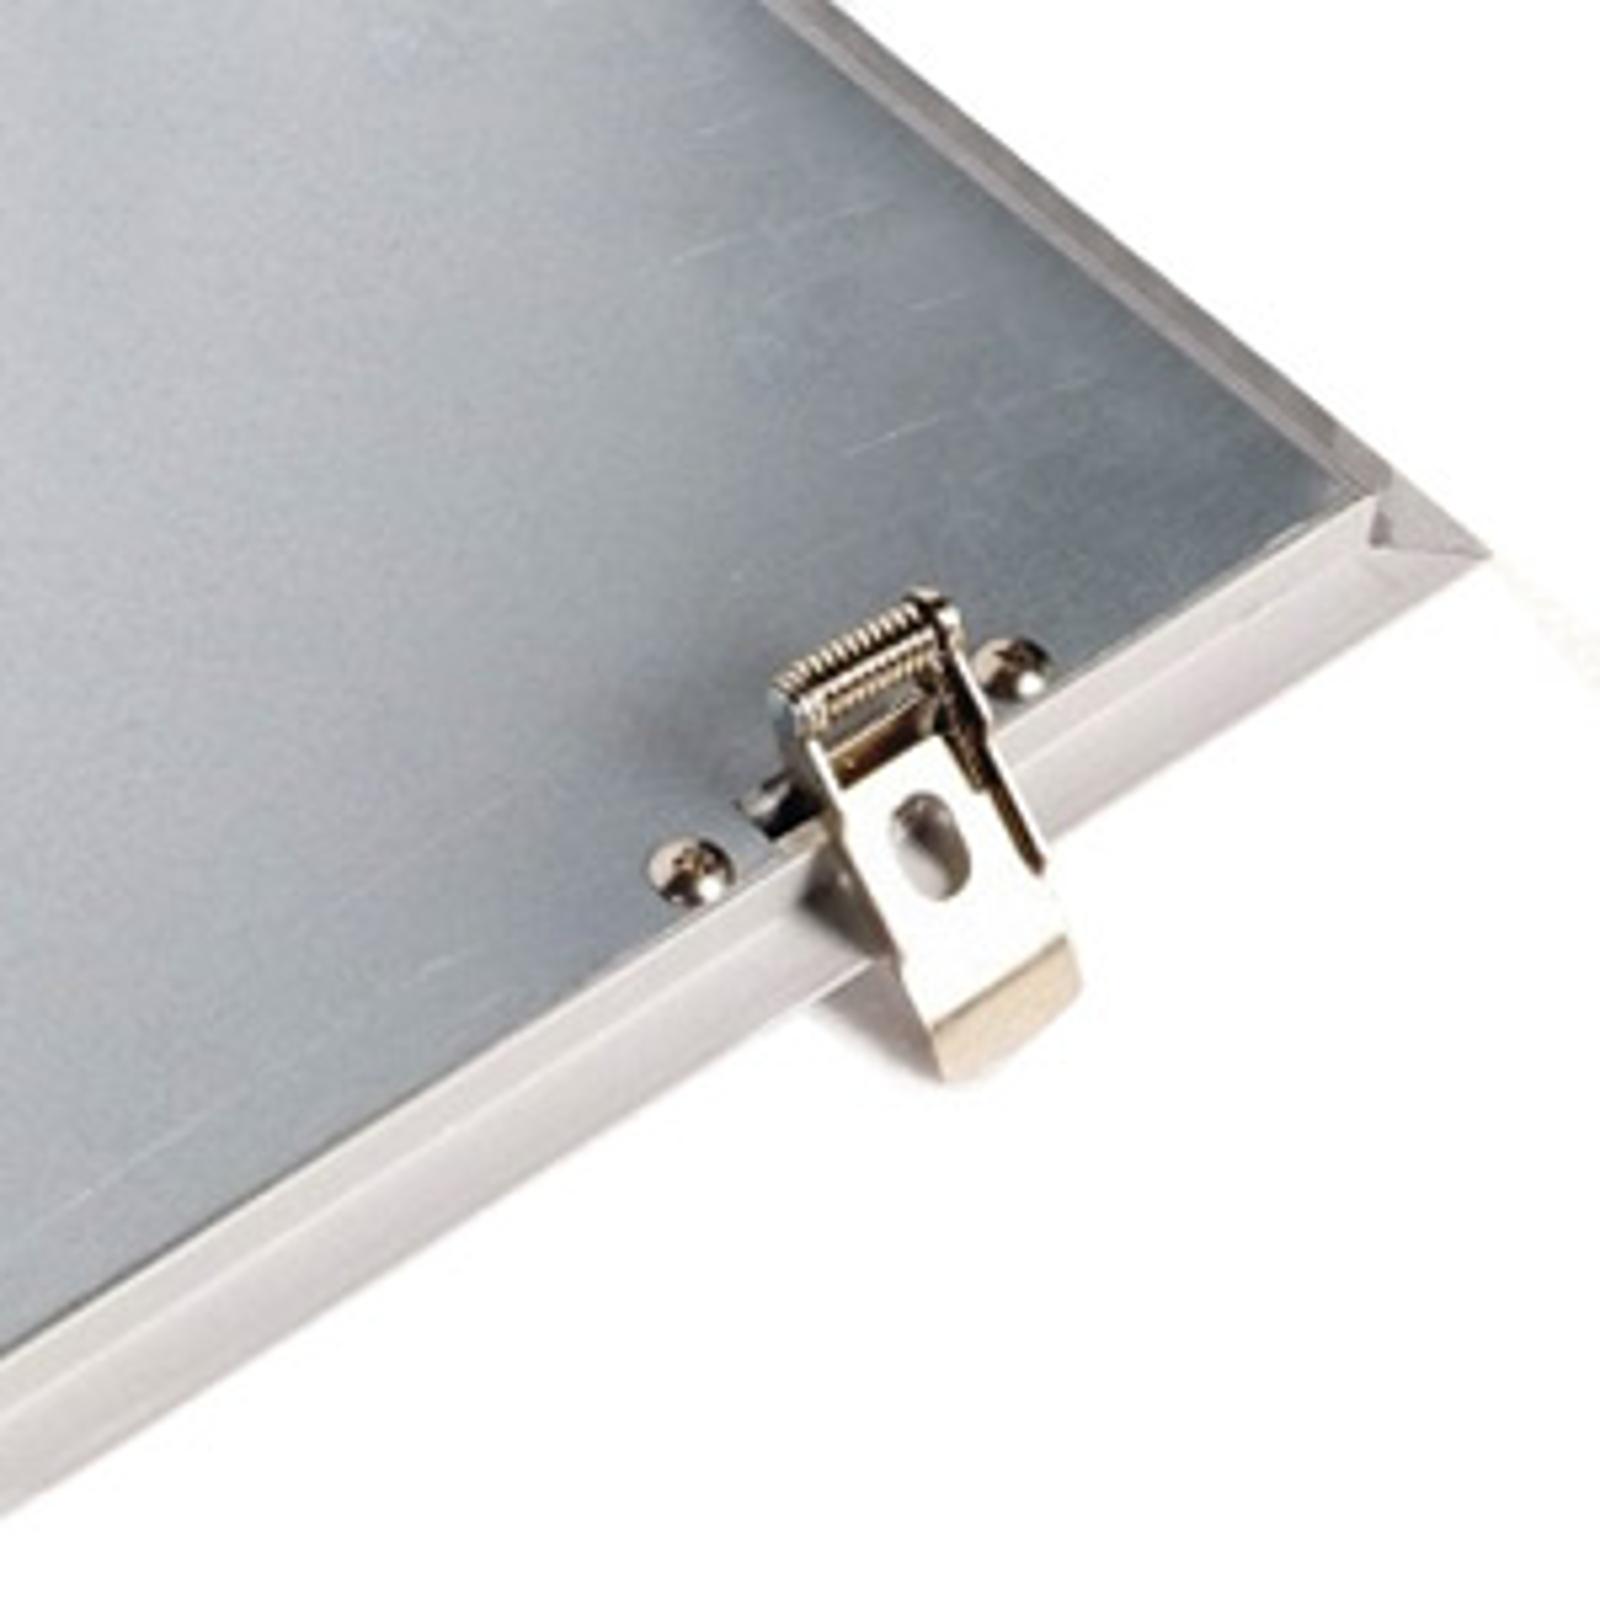 Einbauset für quadratische LED-Paneels 325